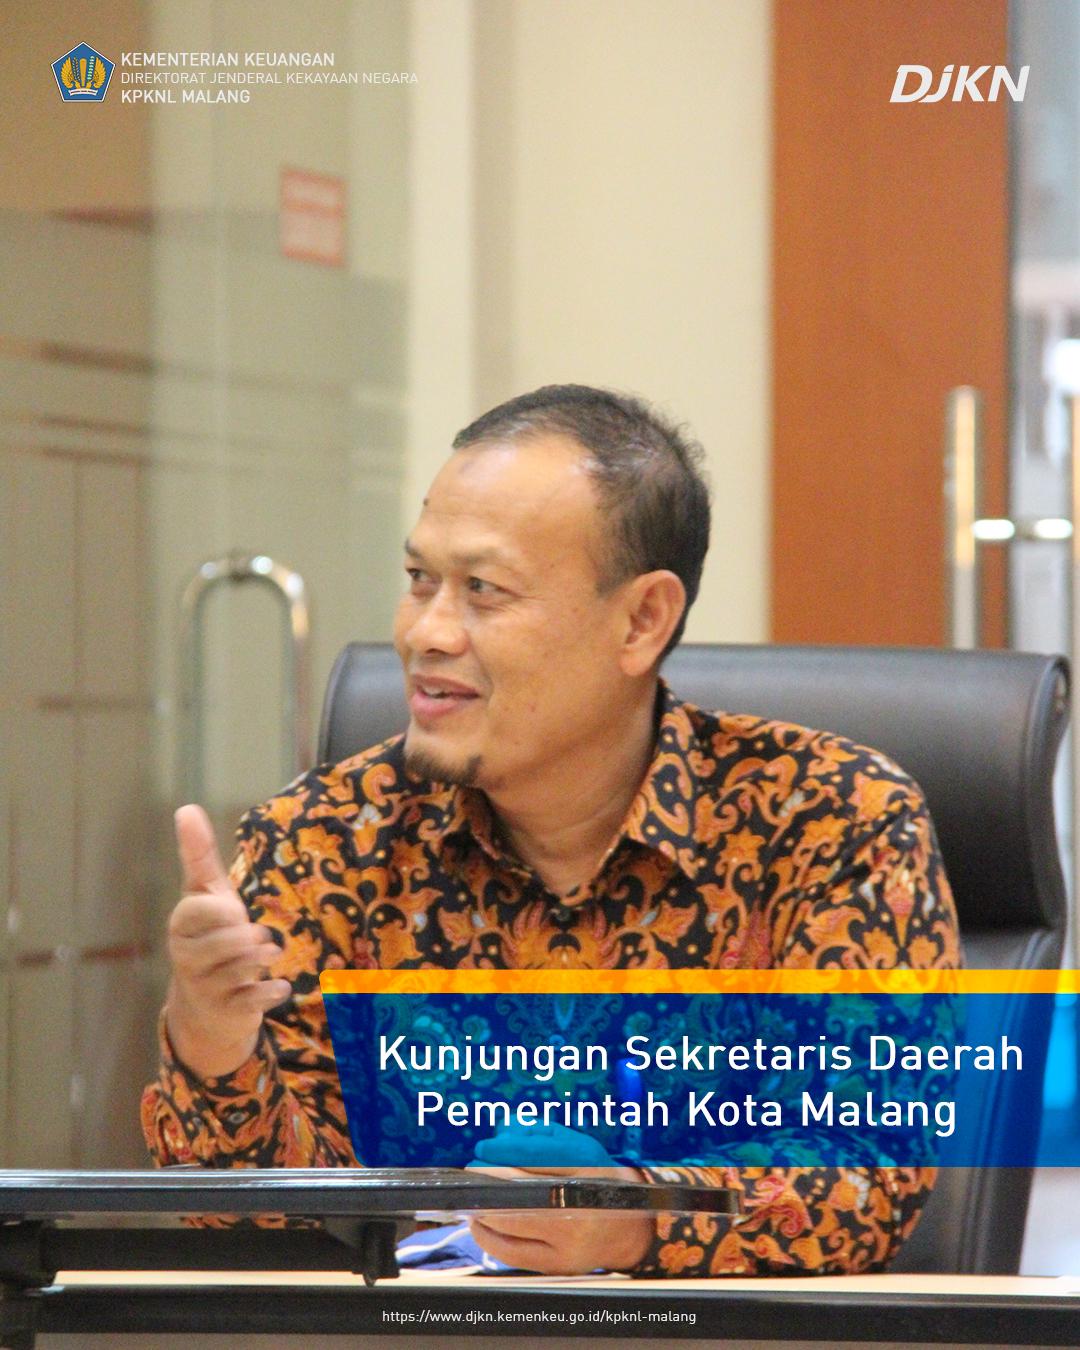 Pemerintah Kota Malang Sinergi dengan KPKNL Malang Dalam Rangka Pengelolaan BMD